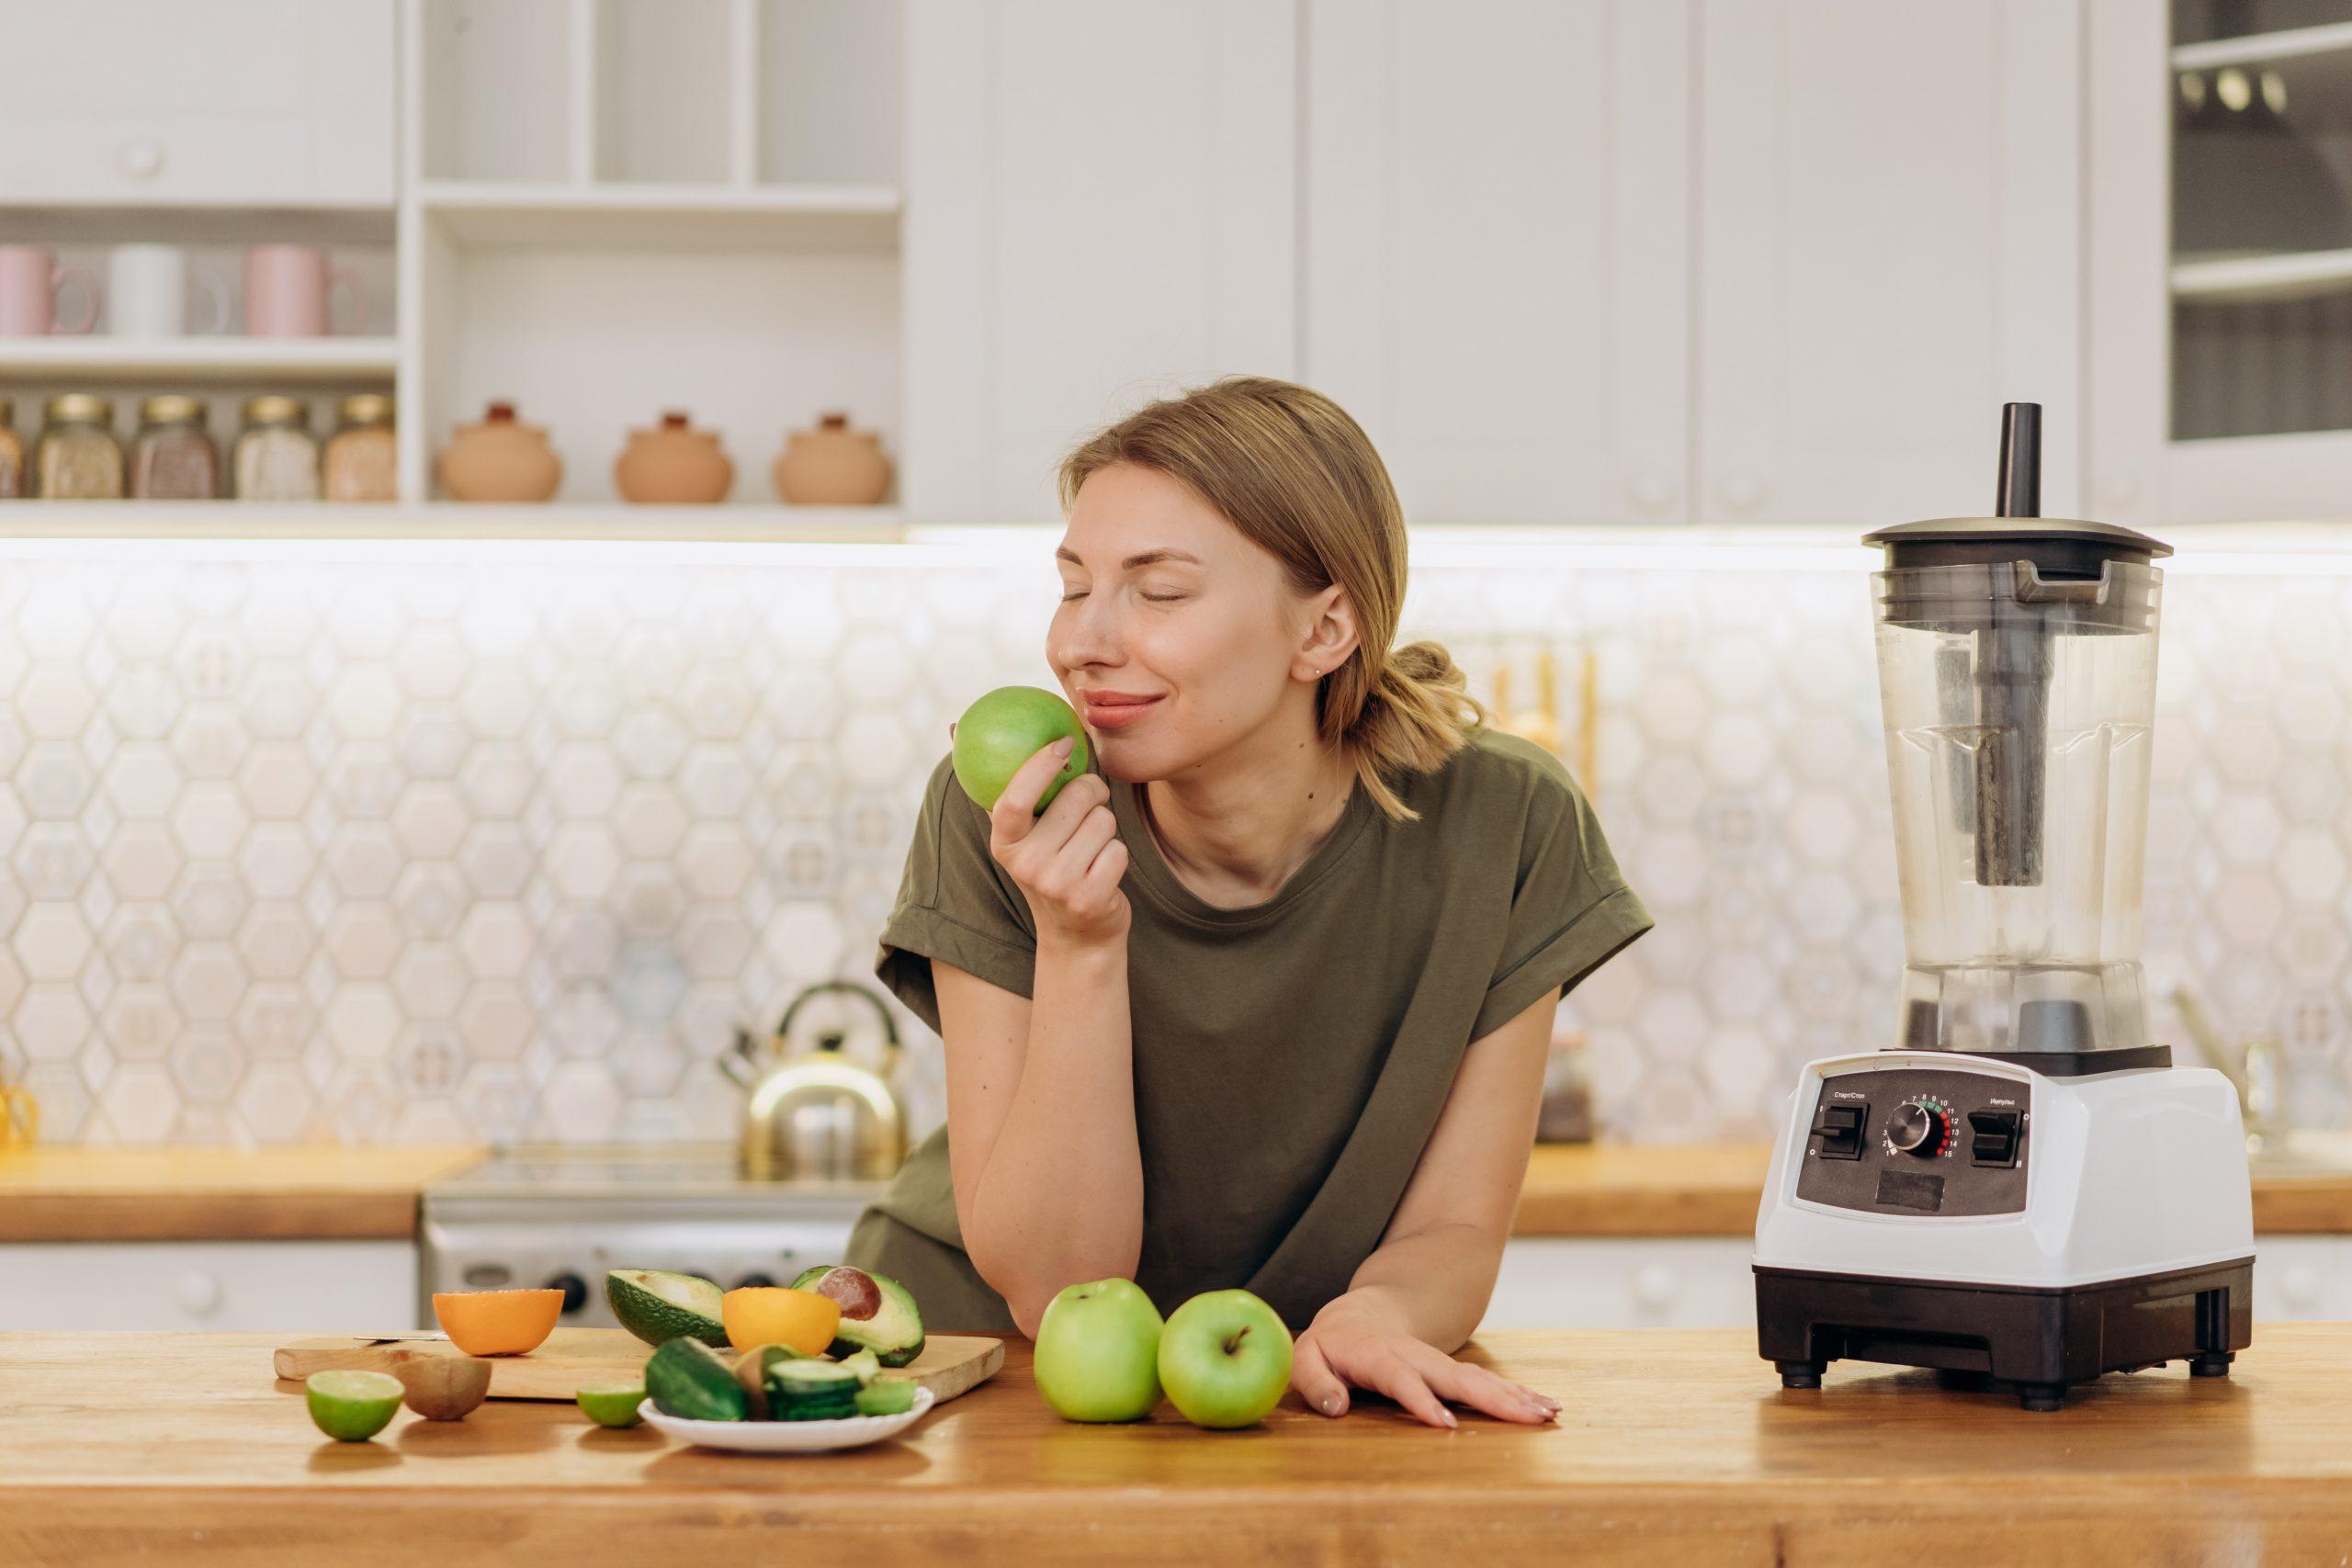 Imagem de uma mulher cheirando uma maçã.